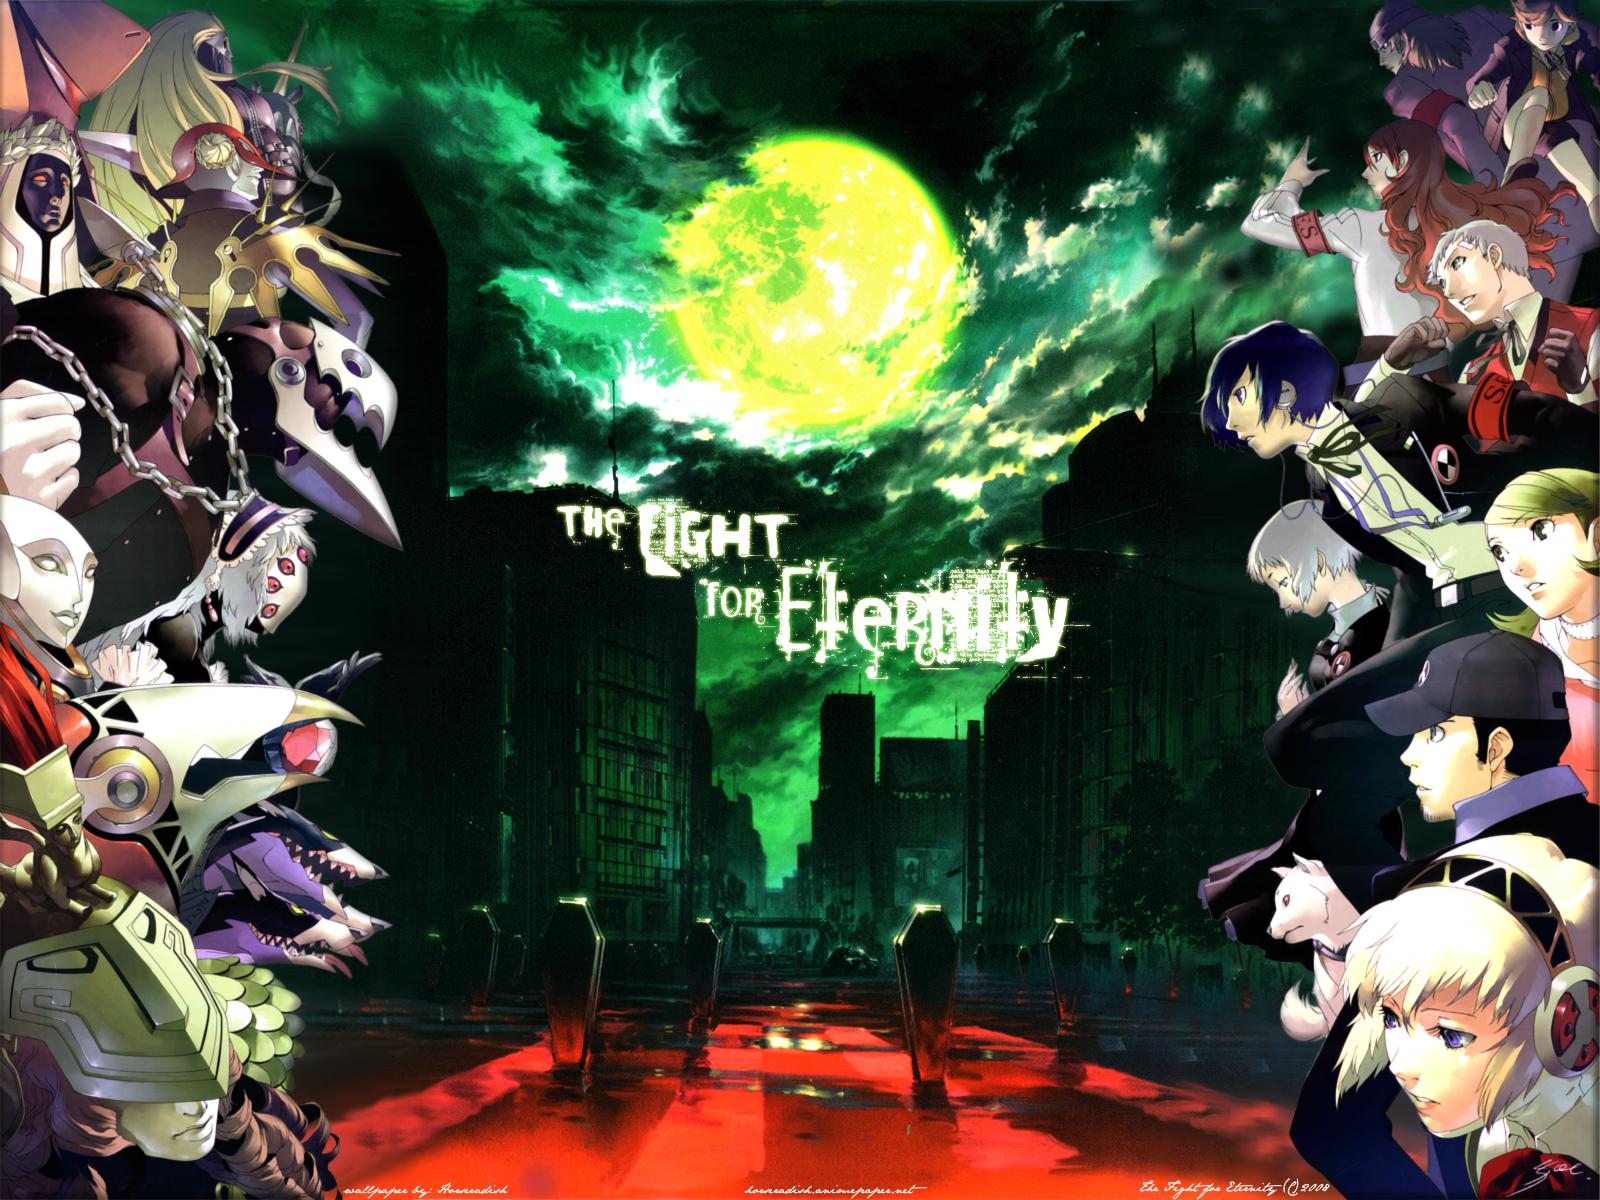 Shin Megami Tensei Persona 3 Wallpaper Dark Hour The